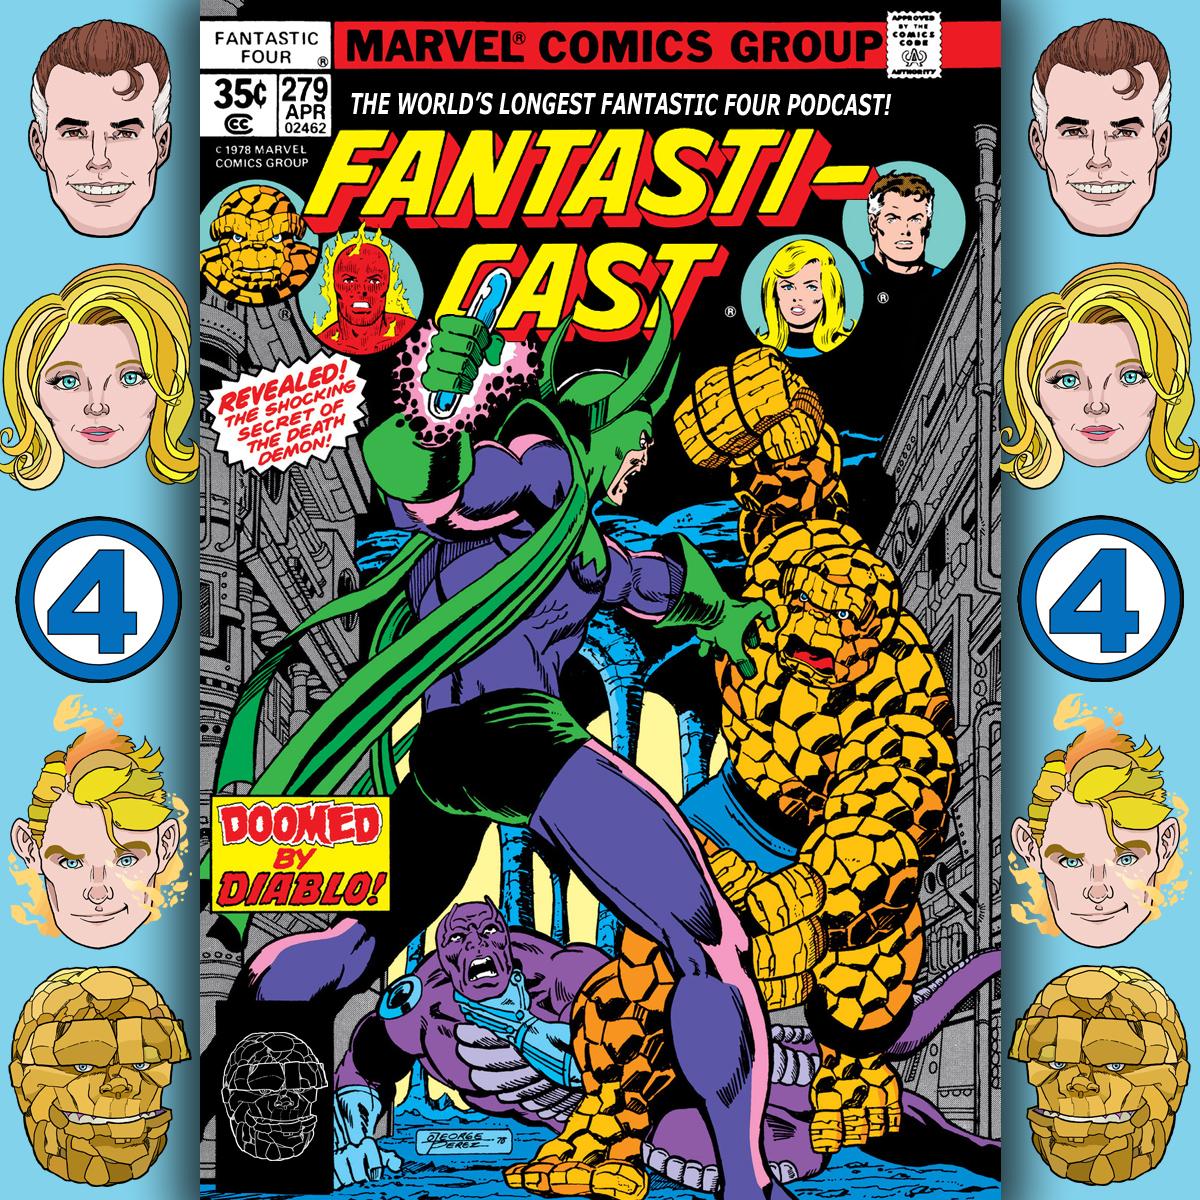 The Fantasticast Episode 279